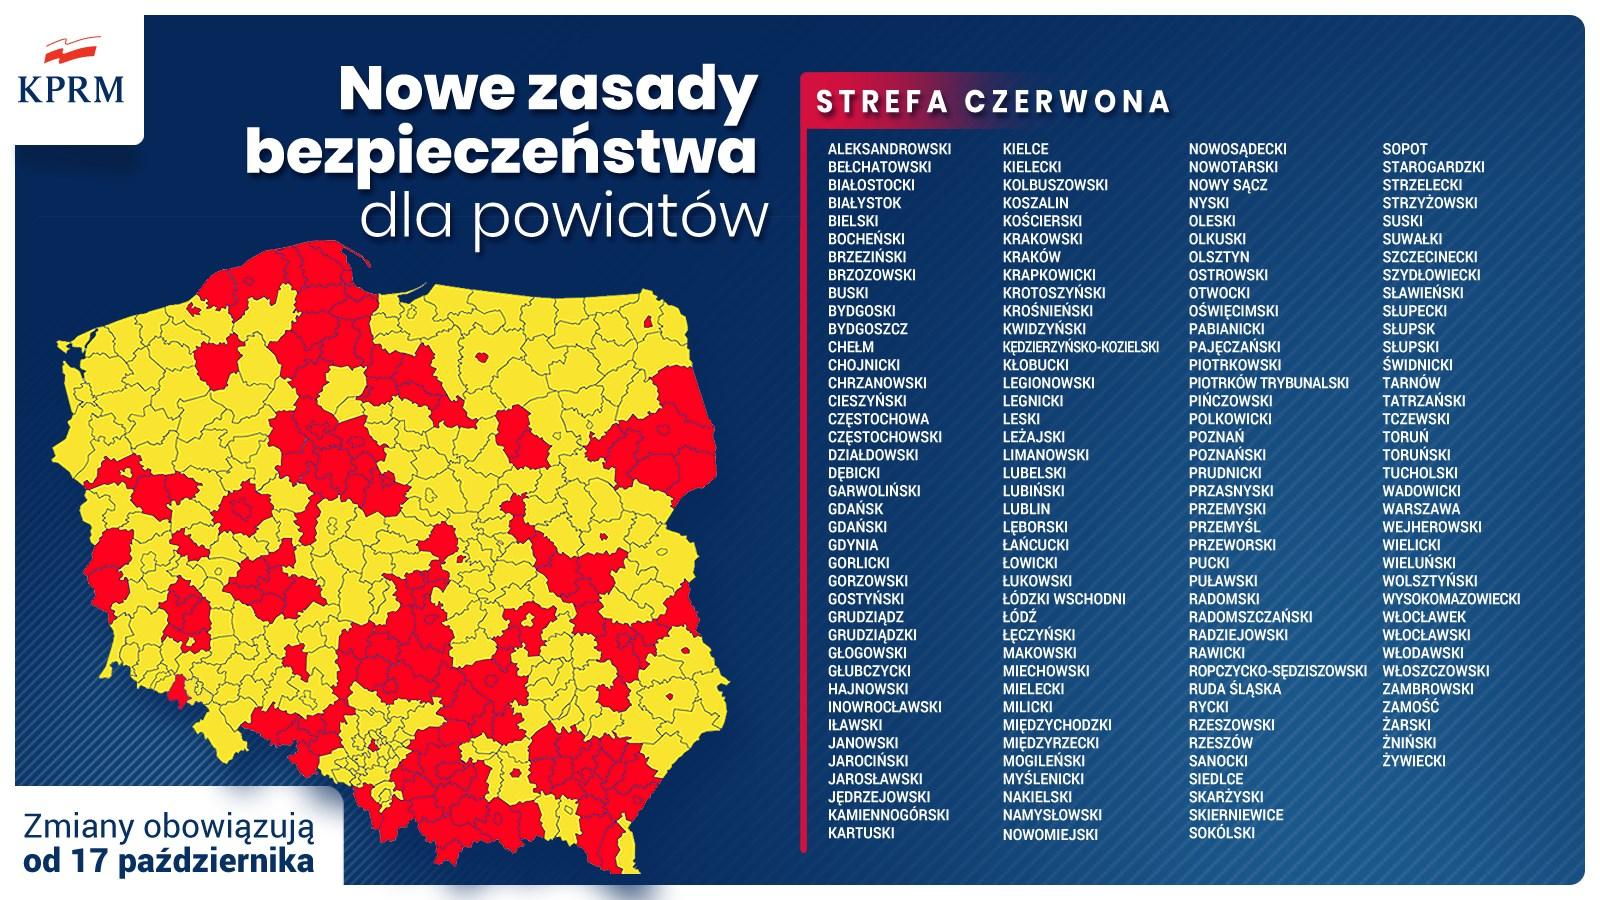 Nowe zasady bezpieczeństwa dla powiatów w strefie czerwonej obowiązujące od 17 października 2020